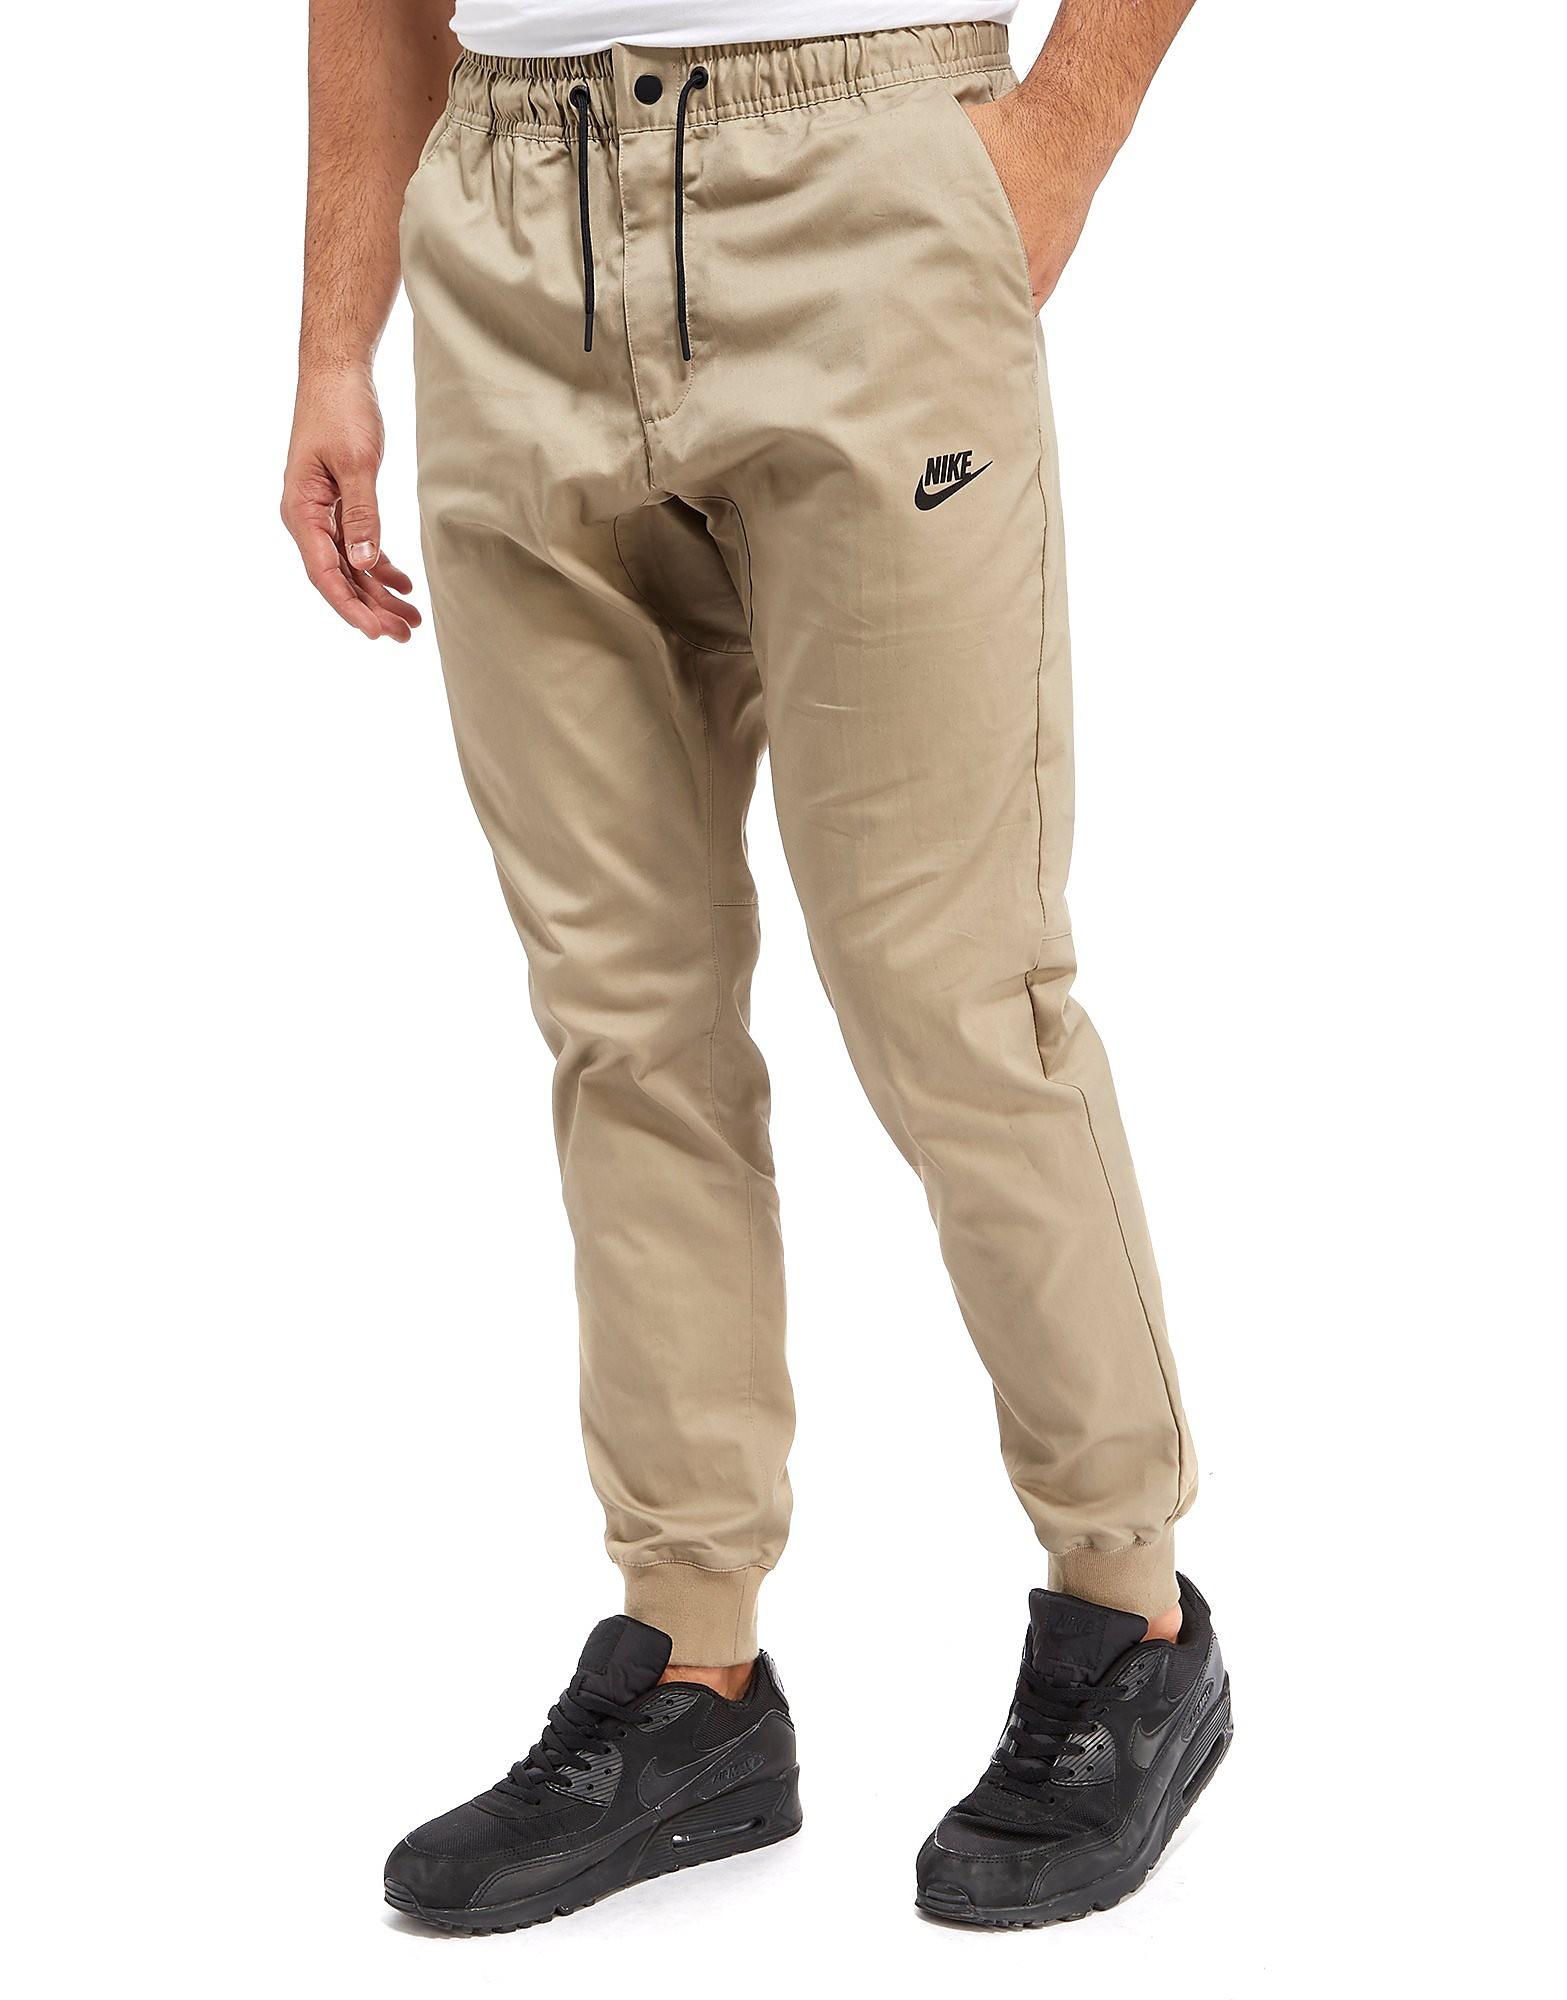 Nike Sportswear Twill Pants